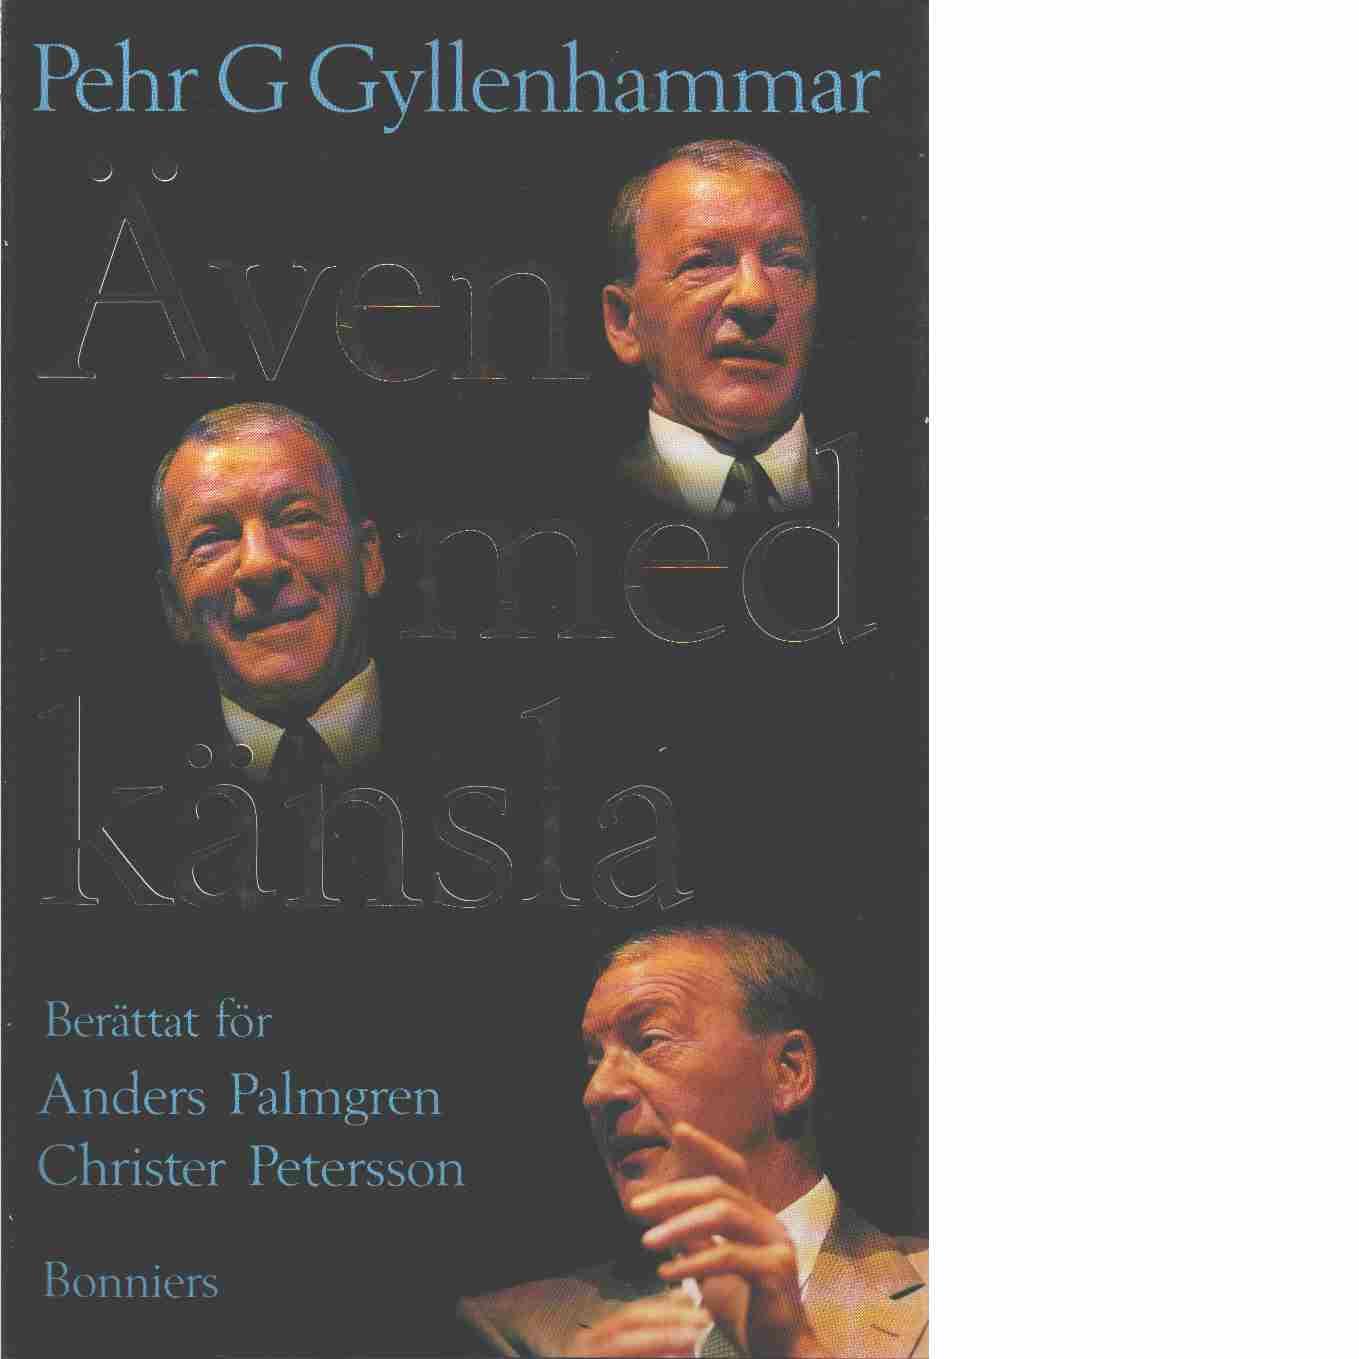 Även med känsla - Gyllenhammar, Pehr G.